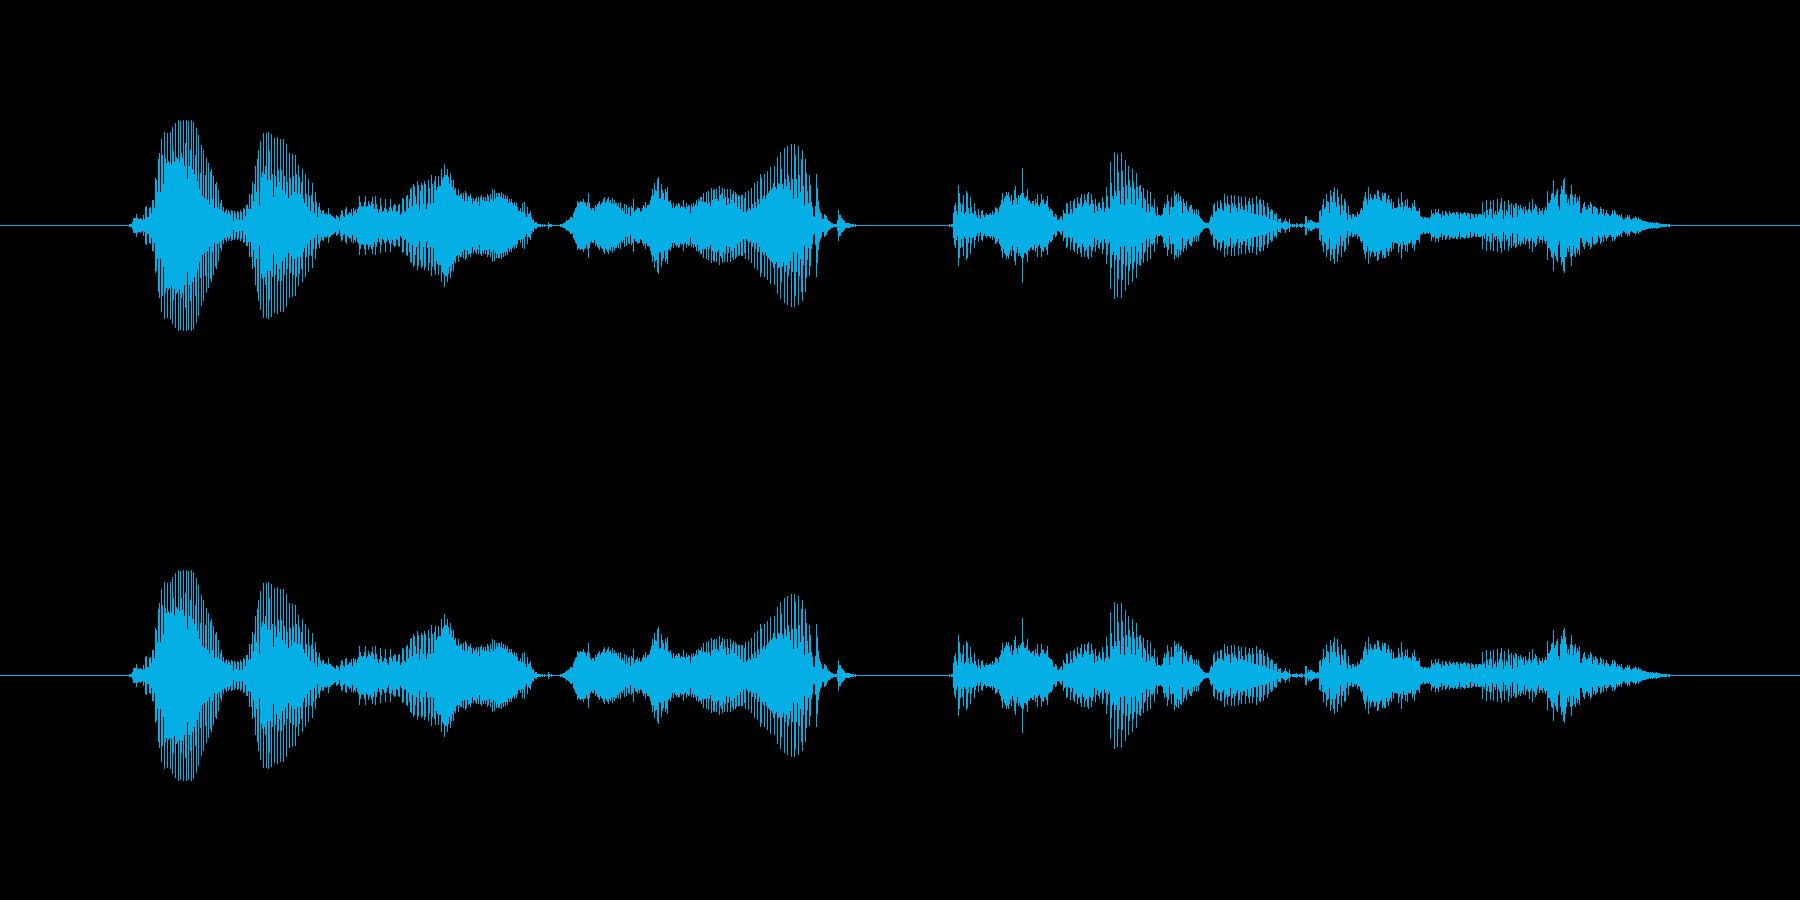 【時報・時間】午後11時を、お知らせい…の再生済みの波形